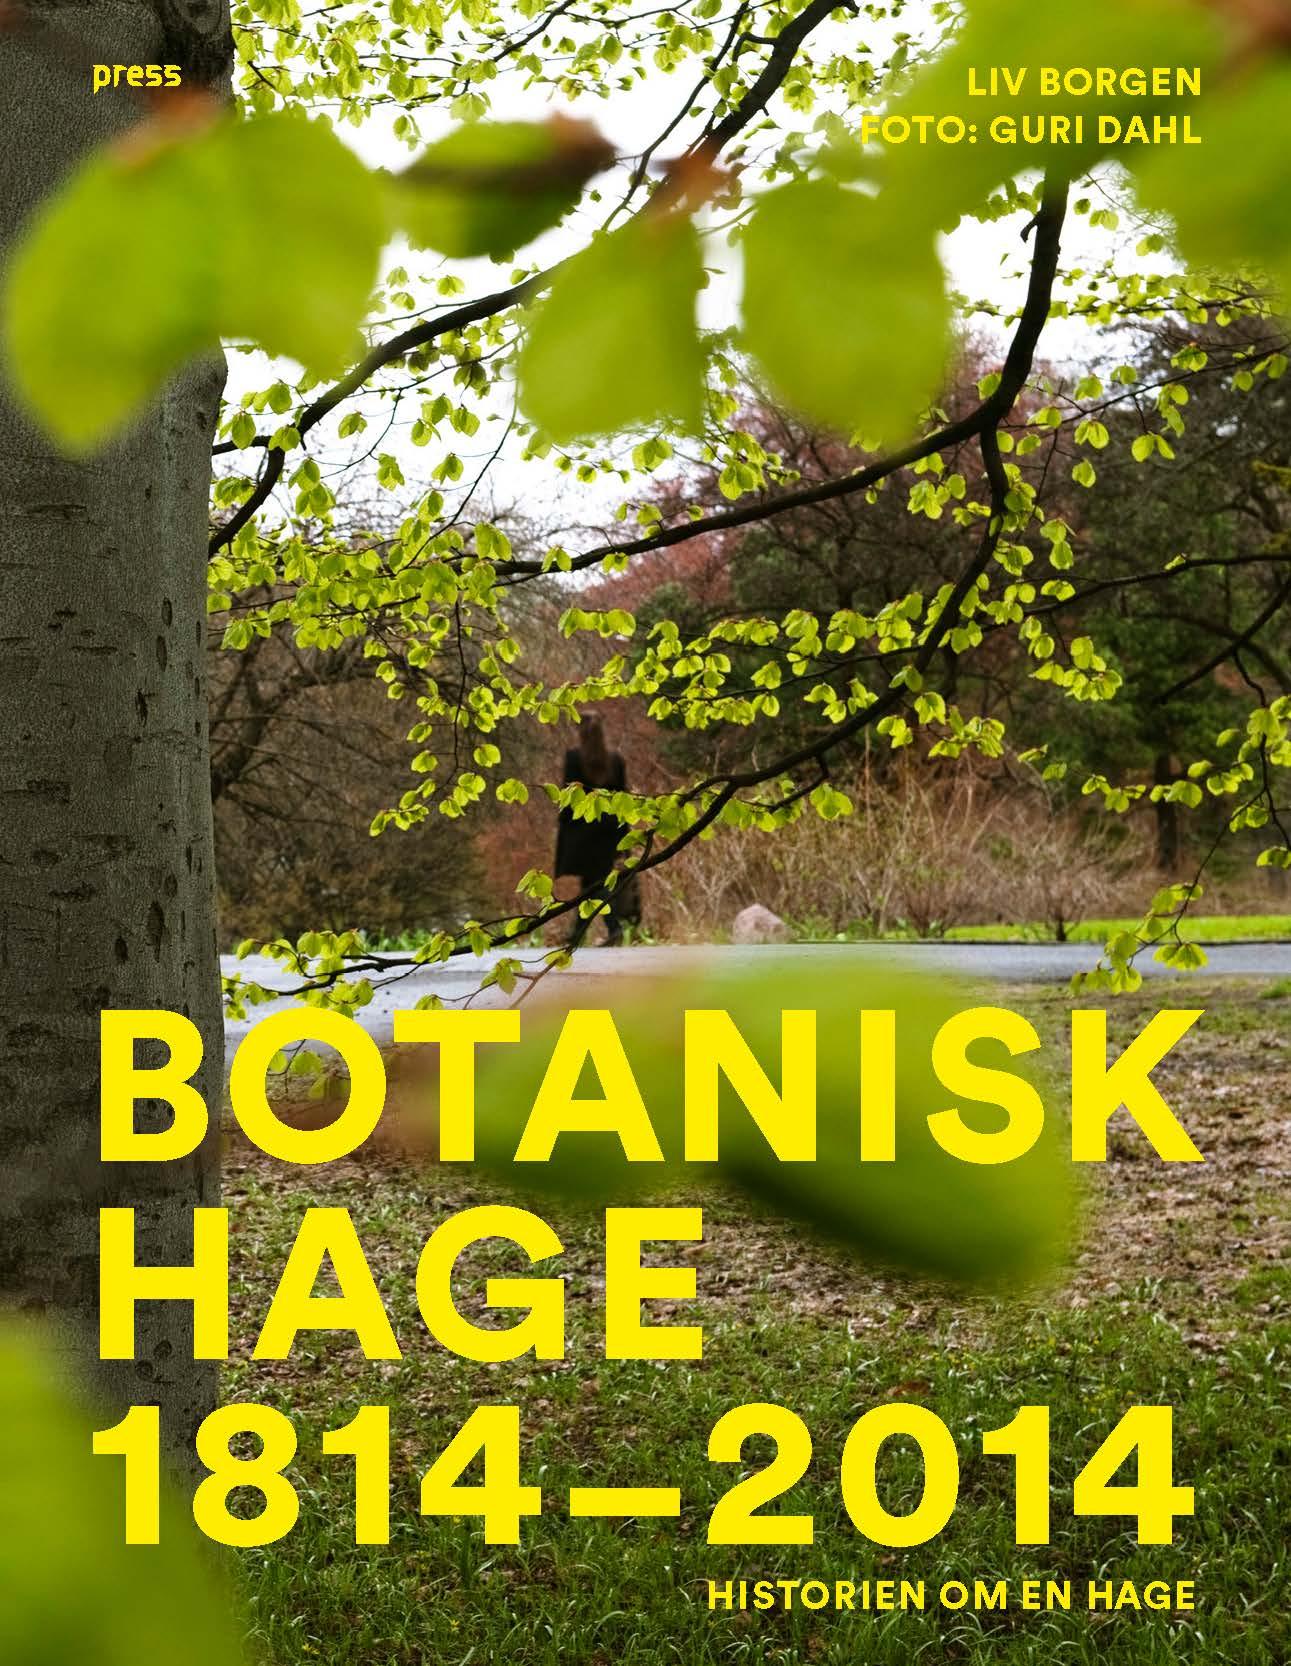 Botanisk hage 1814 2014